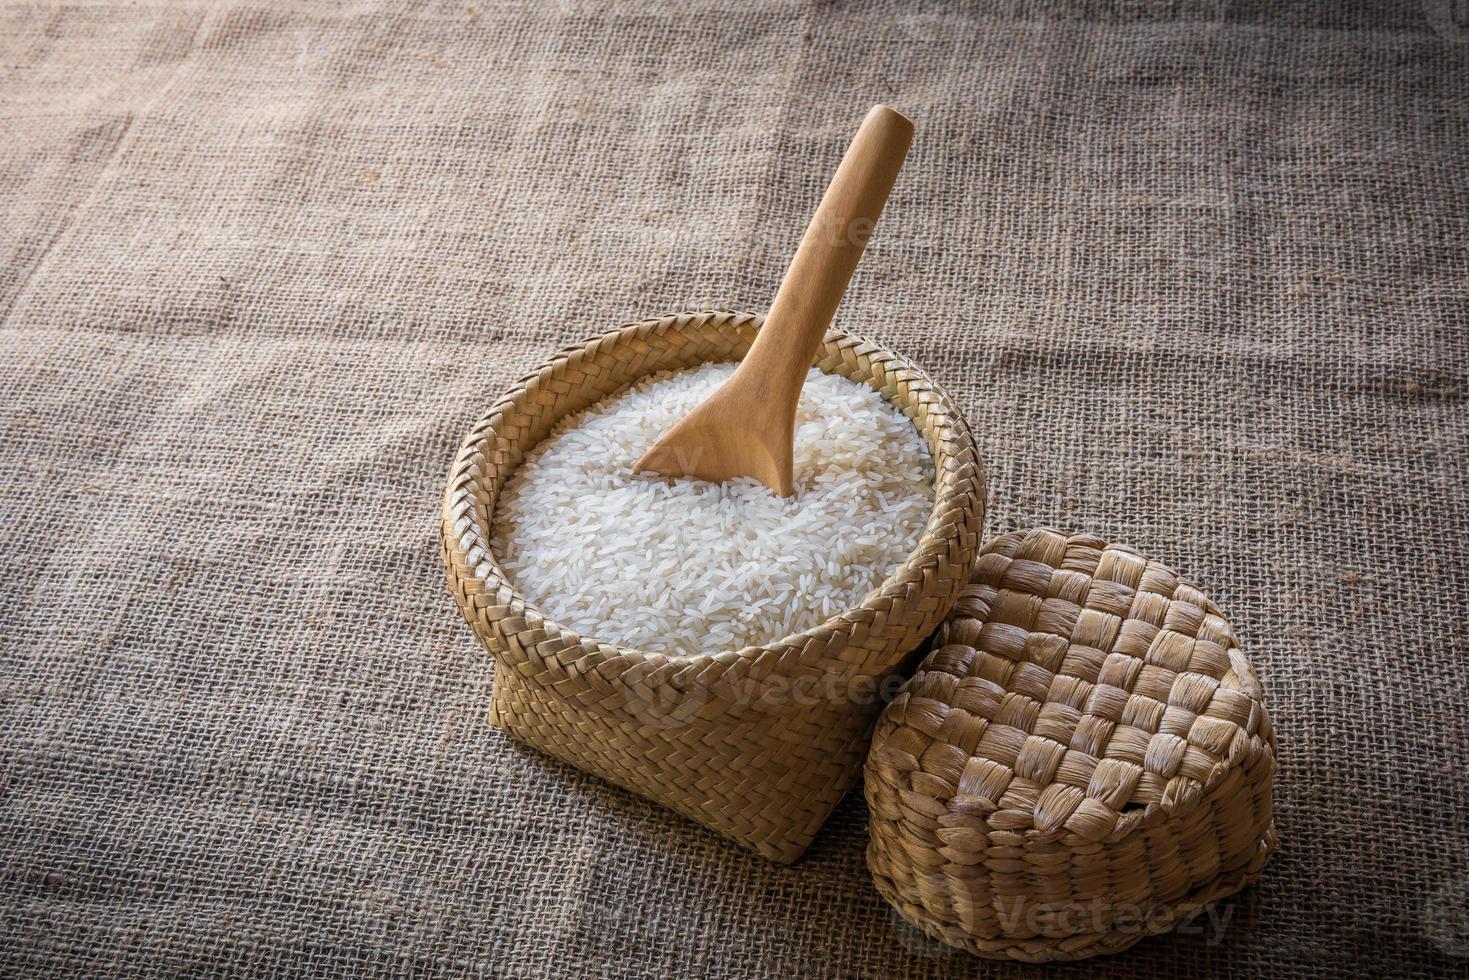 cuillères en bois et panier de riz au jasmin sur bois photo